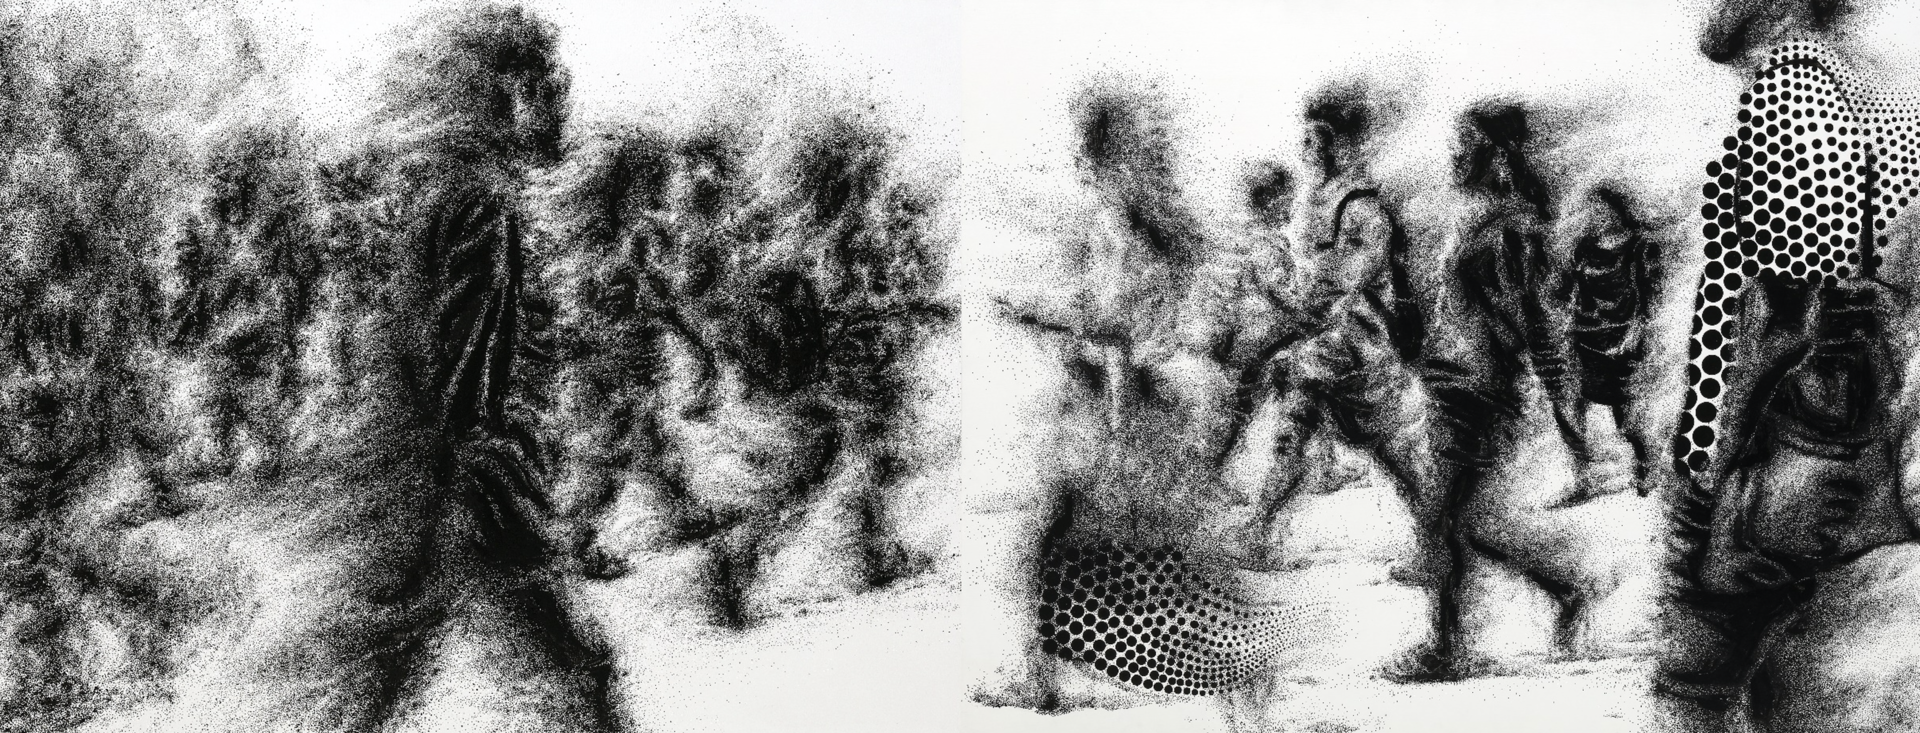 재가  되는 사람들 Acrylic on canvas 112.1X145.5cm 2020 / 재가되는 사람들 Acrylic on canvas 112.1X145.5cm 2018